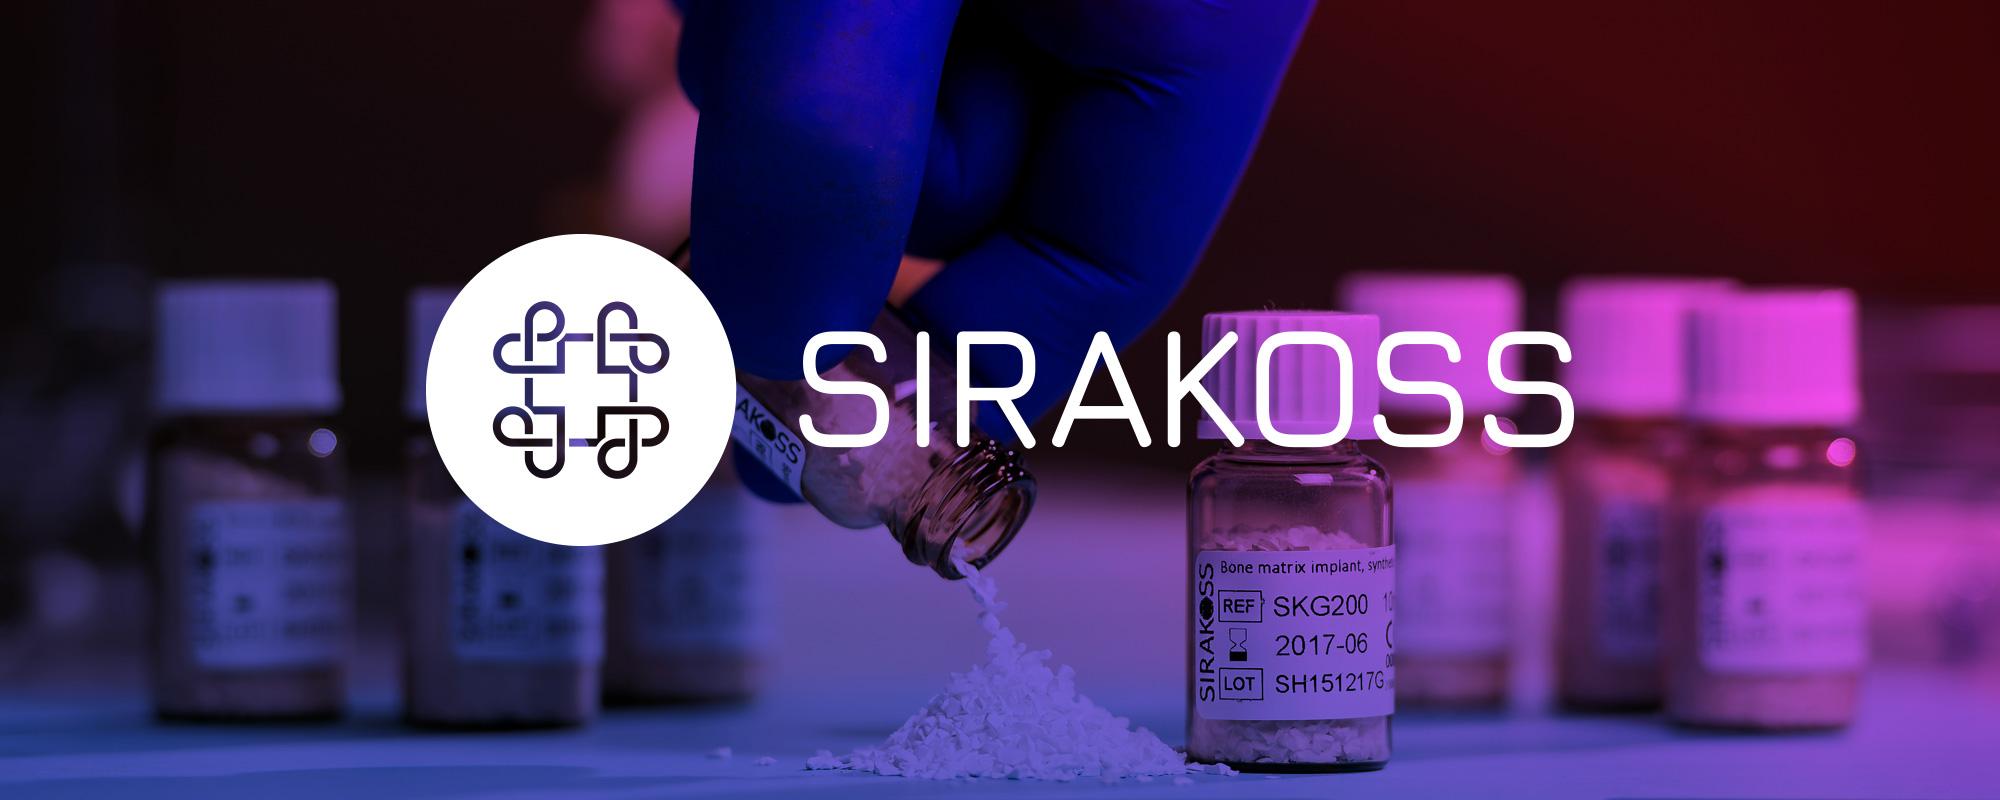 The new Sirakoss brand